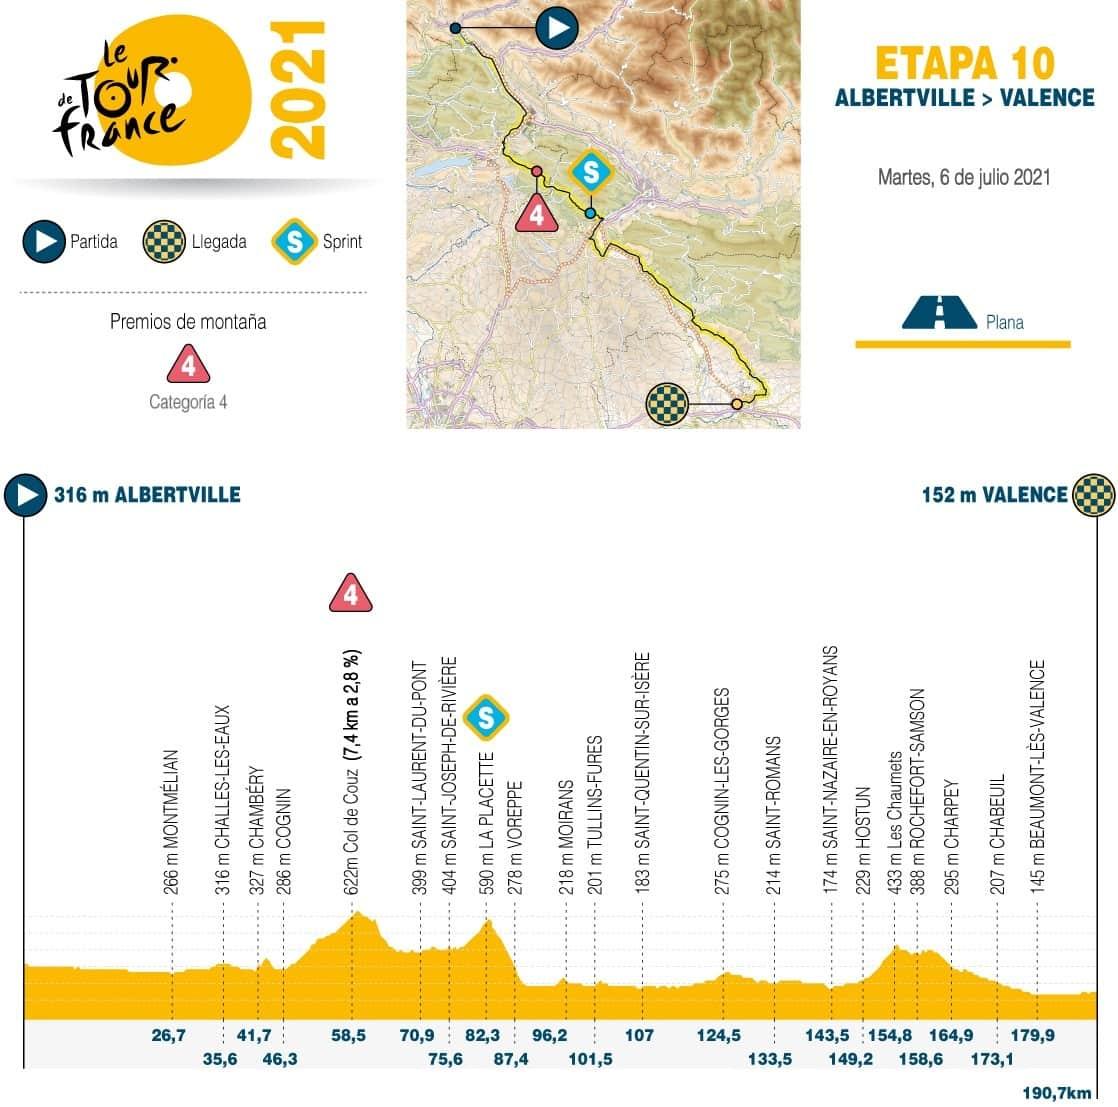 [Tour de Francia] Así es la etapa 10, hoy en la gran carrera 1